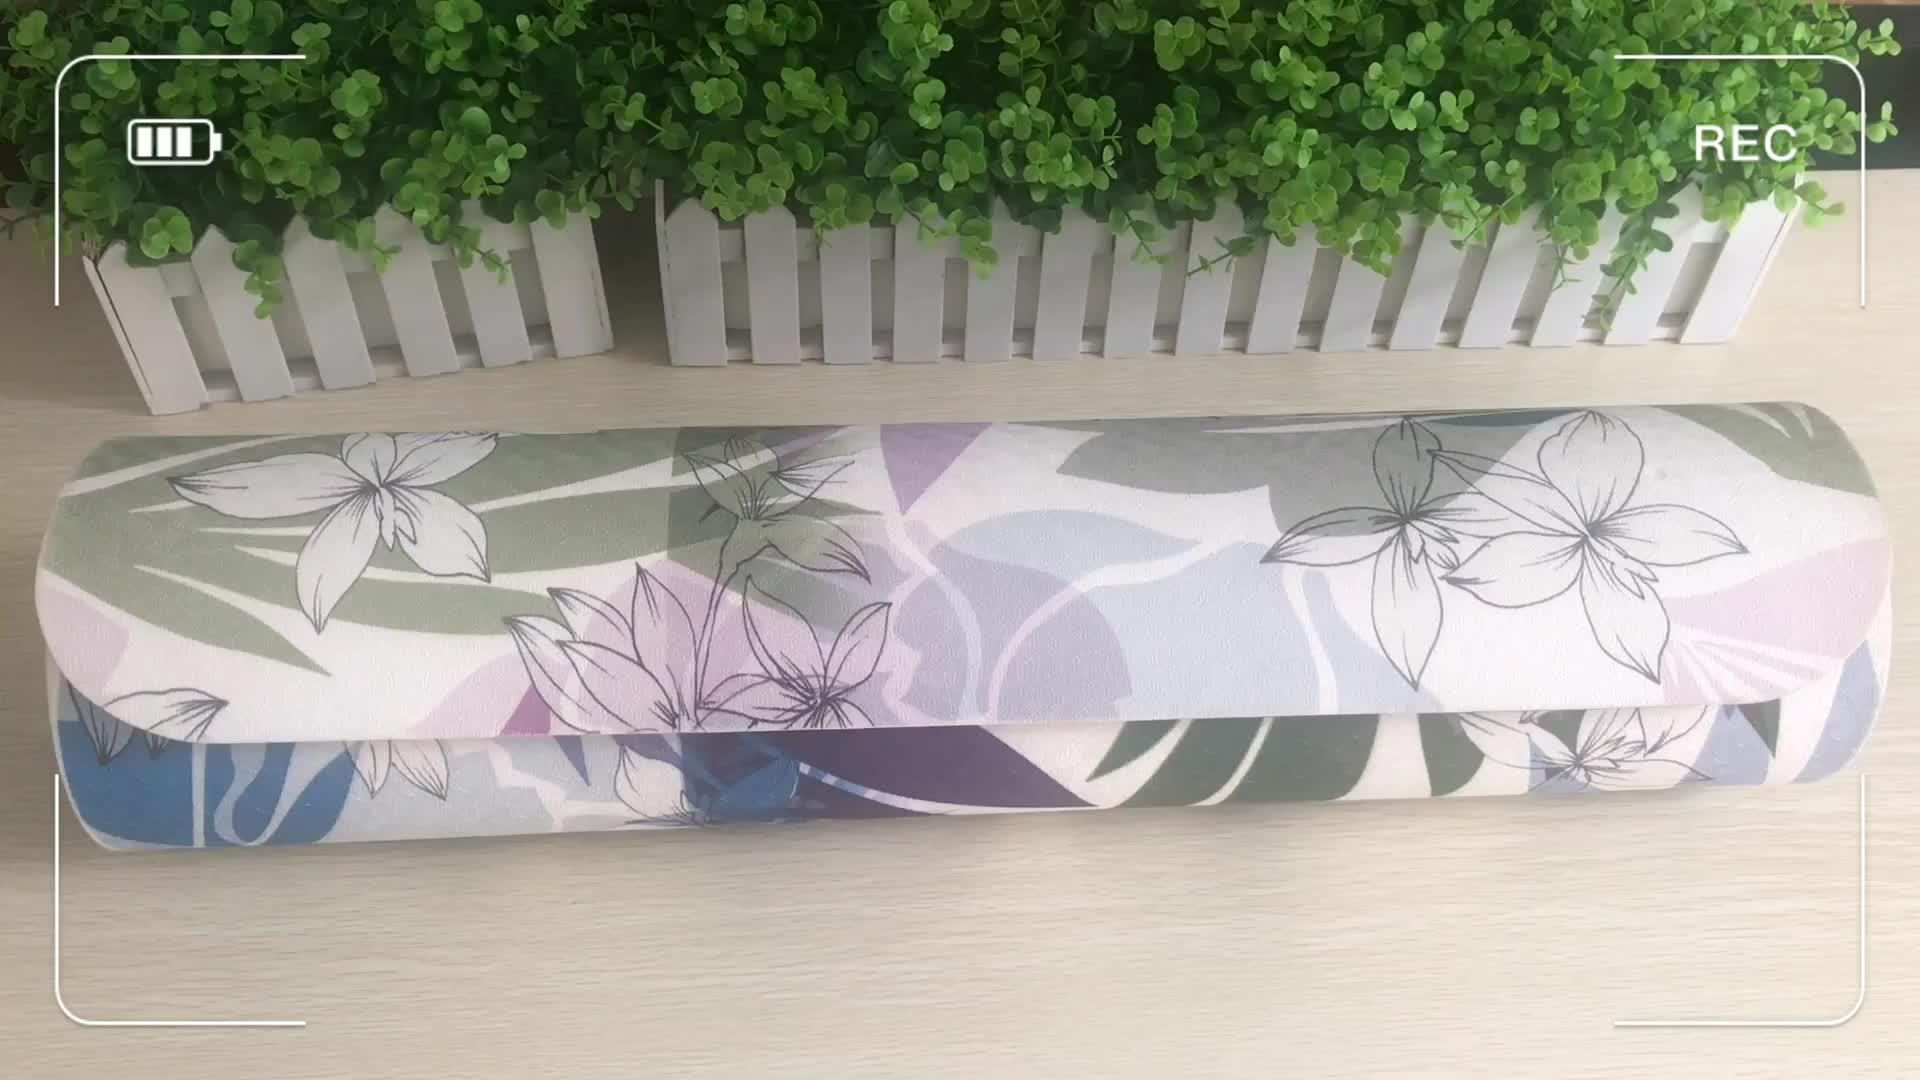 צבעוני עיצוב מותאם אישית הדפסת TPE יוגה מחצלת אורגני